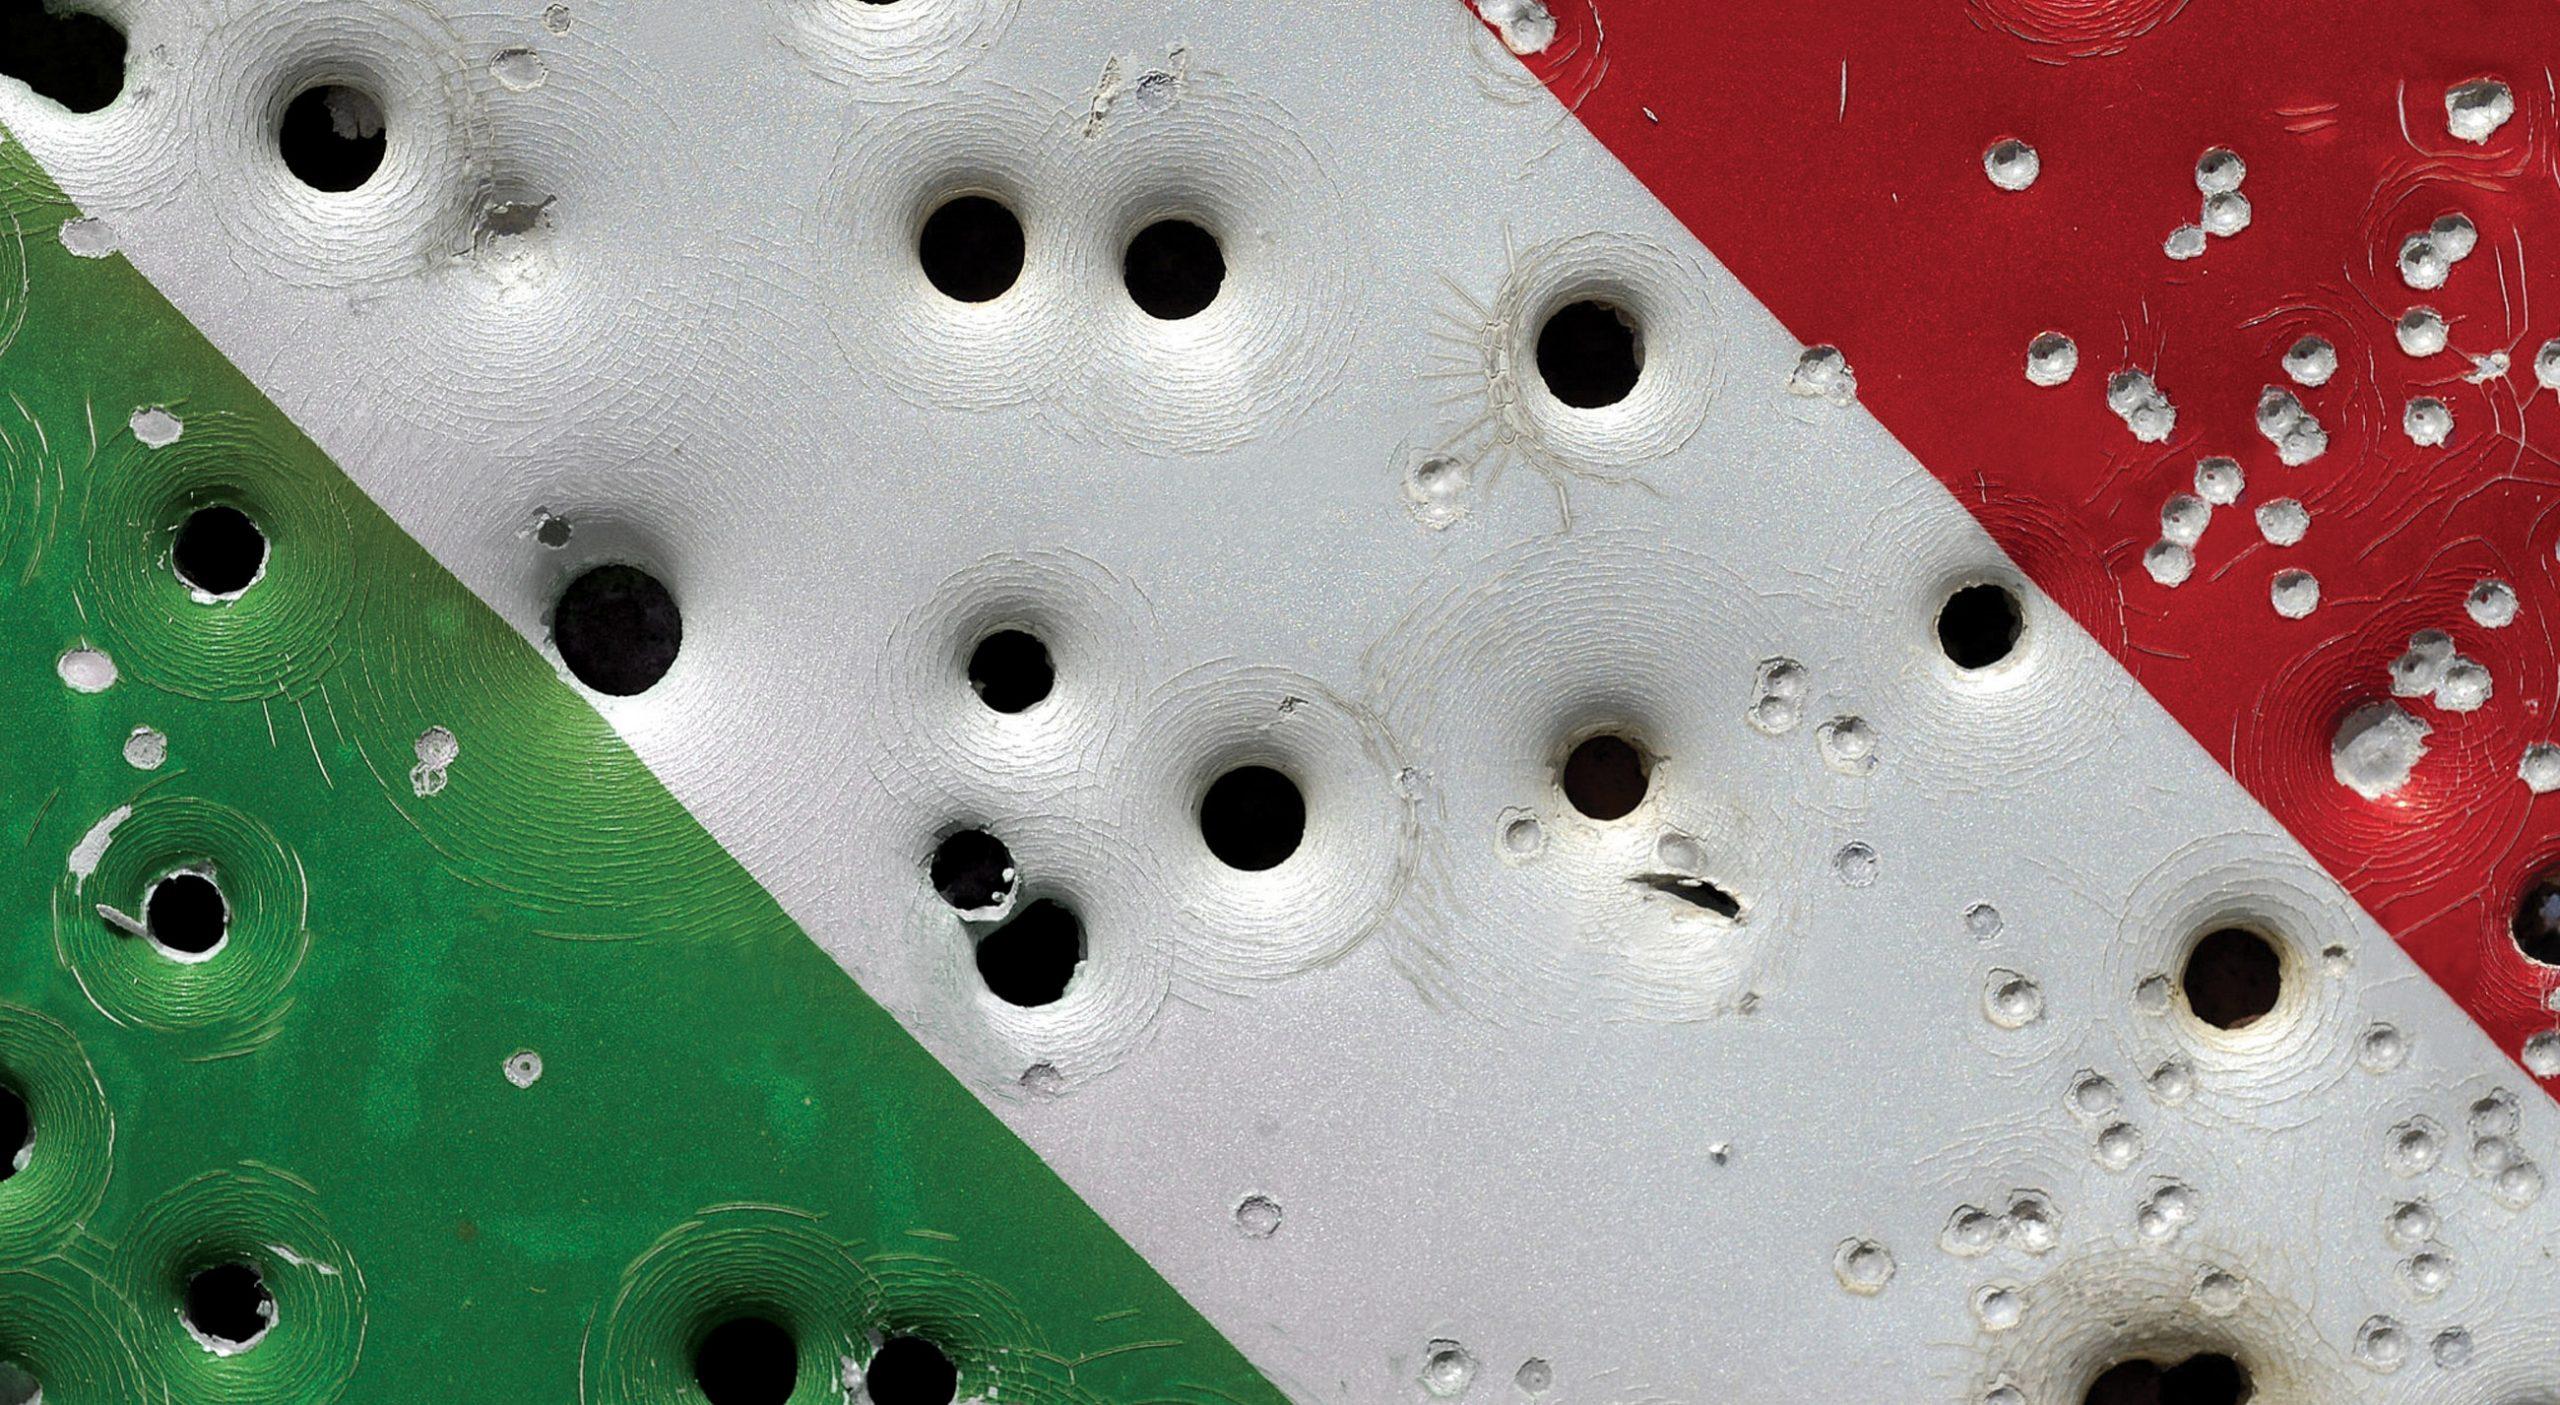 Intimidazioni ad amministratori: 17 casi in un anno. Il triste primato di Reggio Calabria